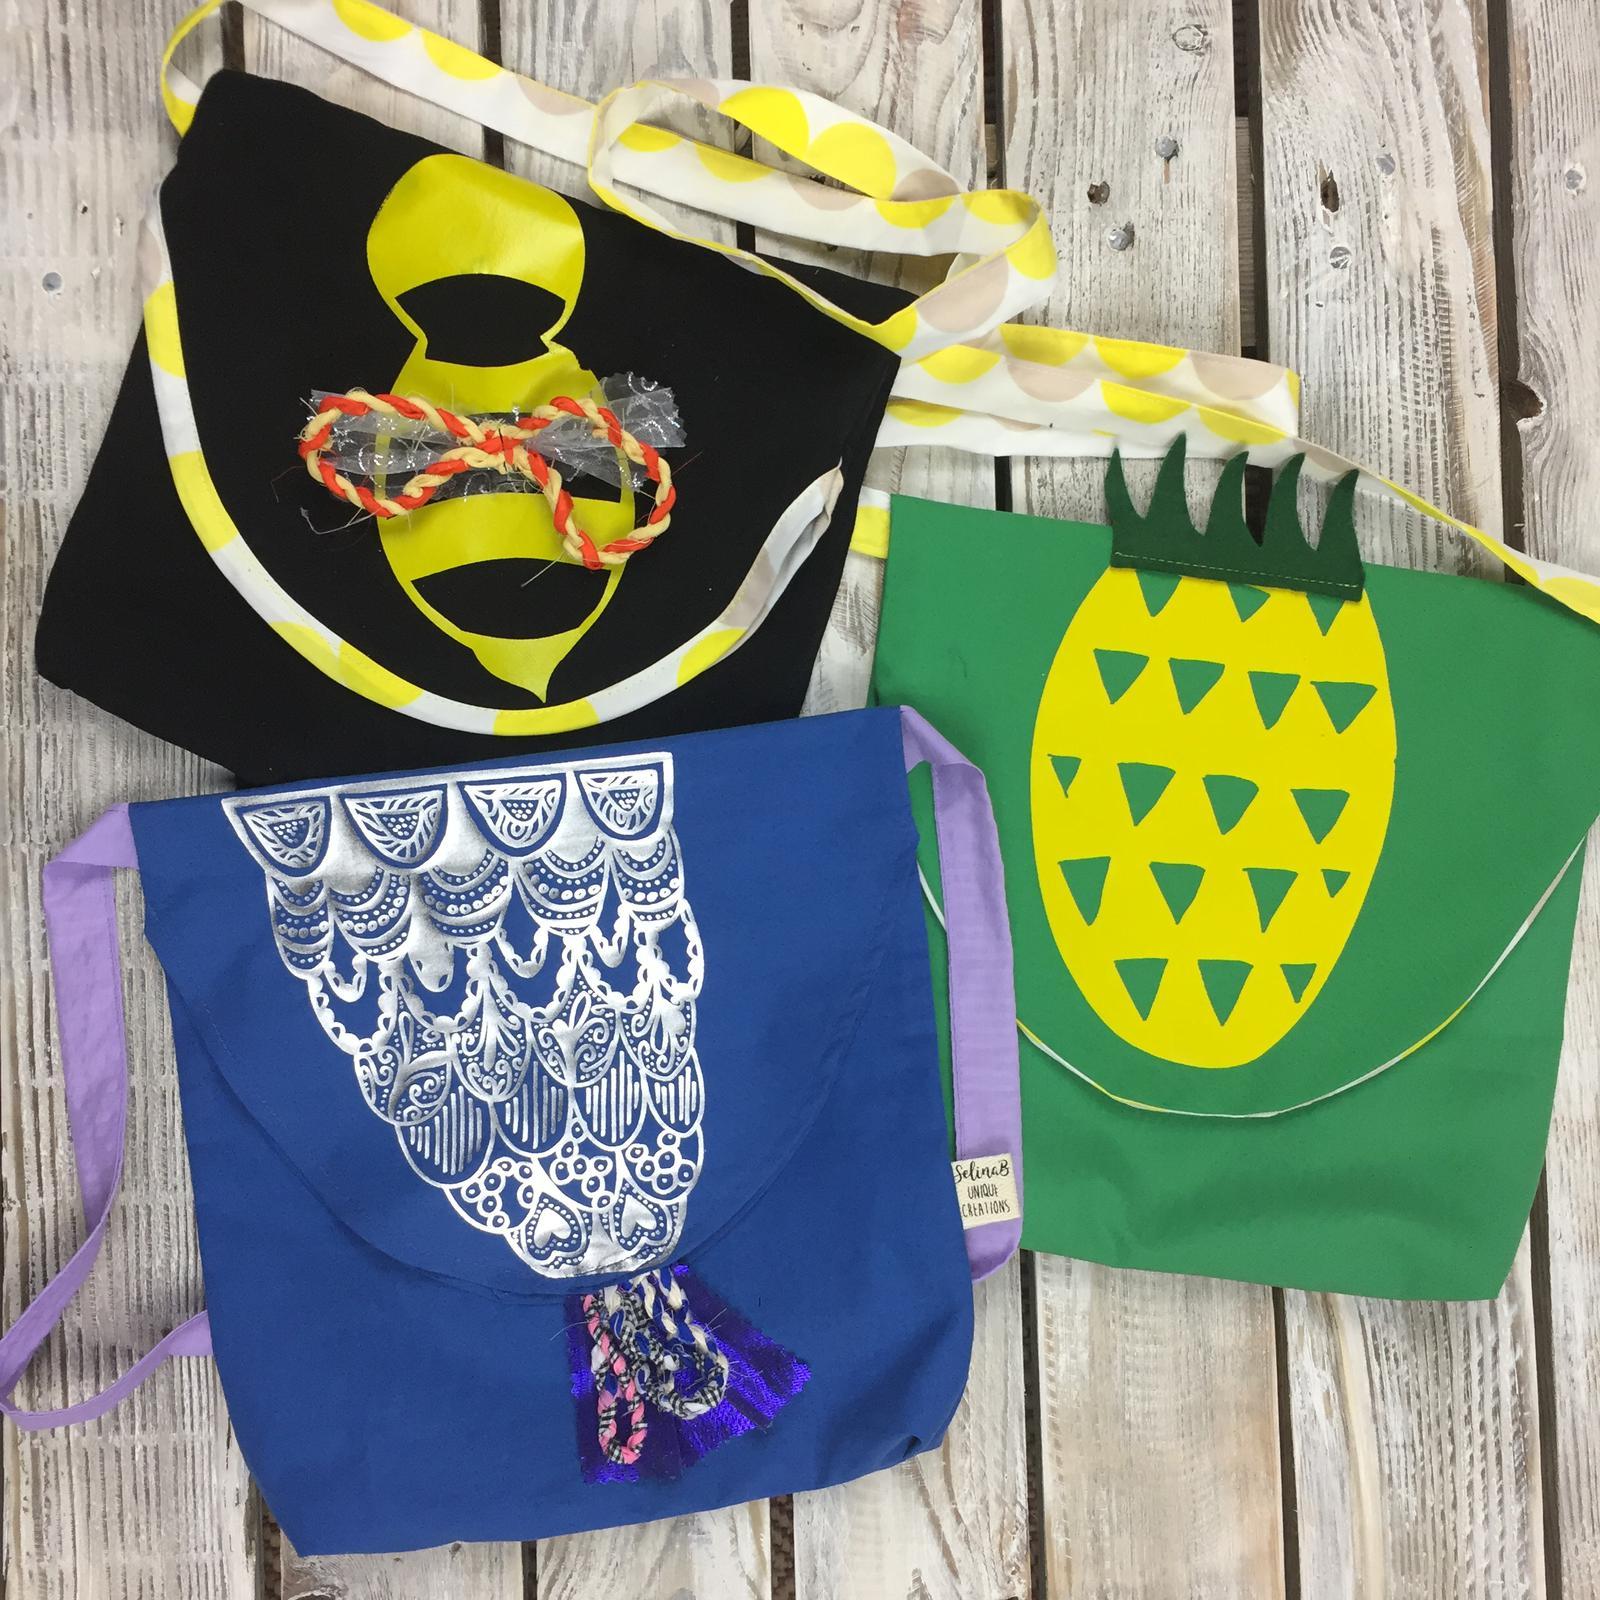 Custom printed hand bags